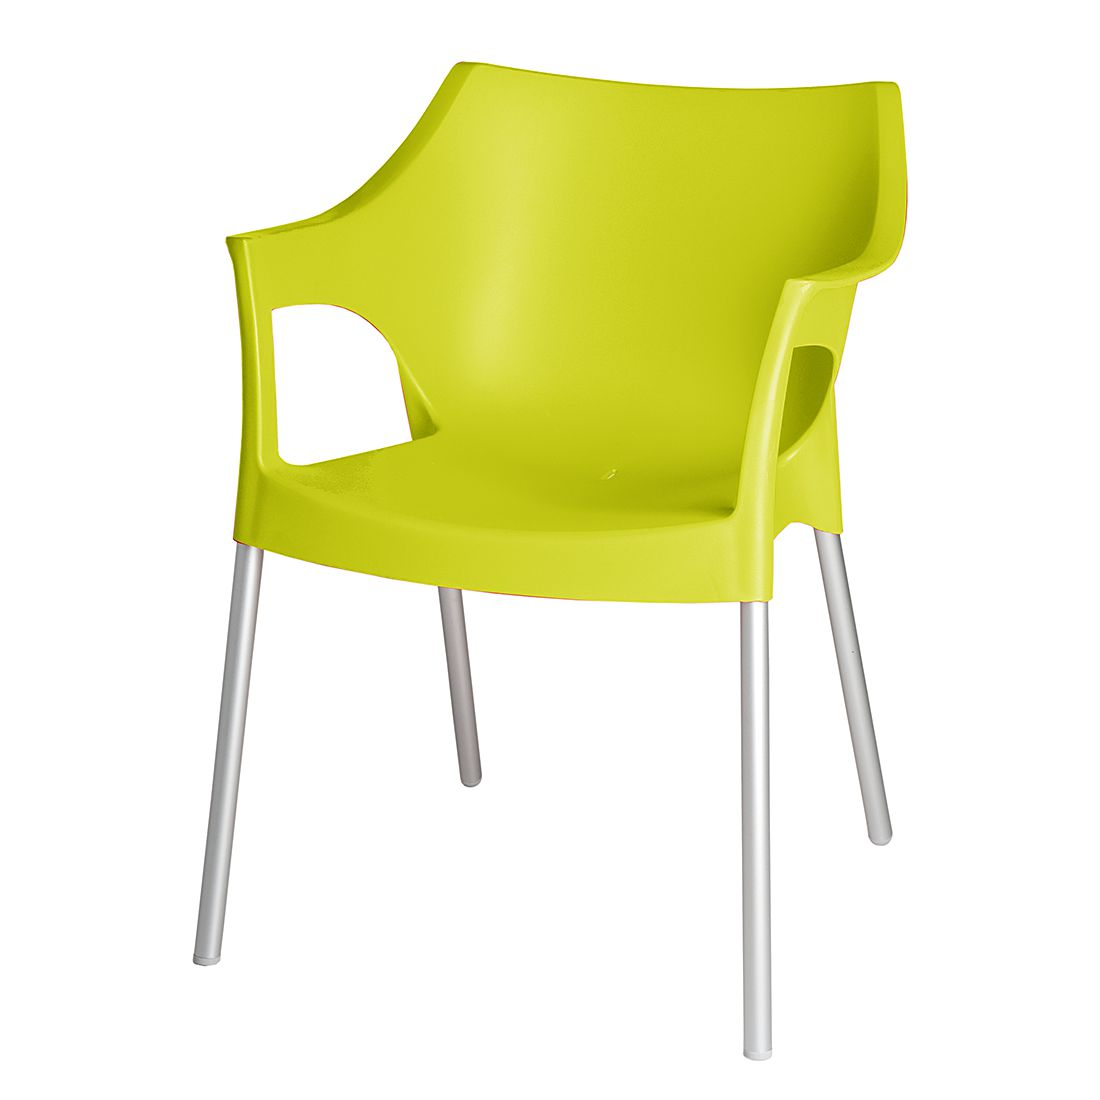 Blanke Design Armlehnenstuhl U2013 Für Ein Modernes Heim | Home24